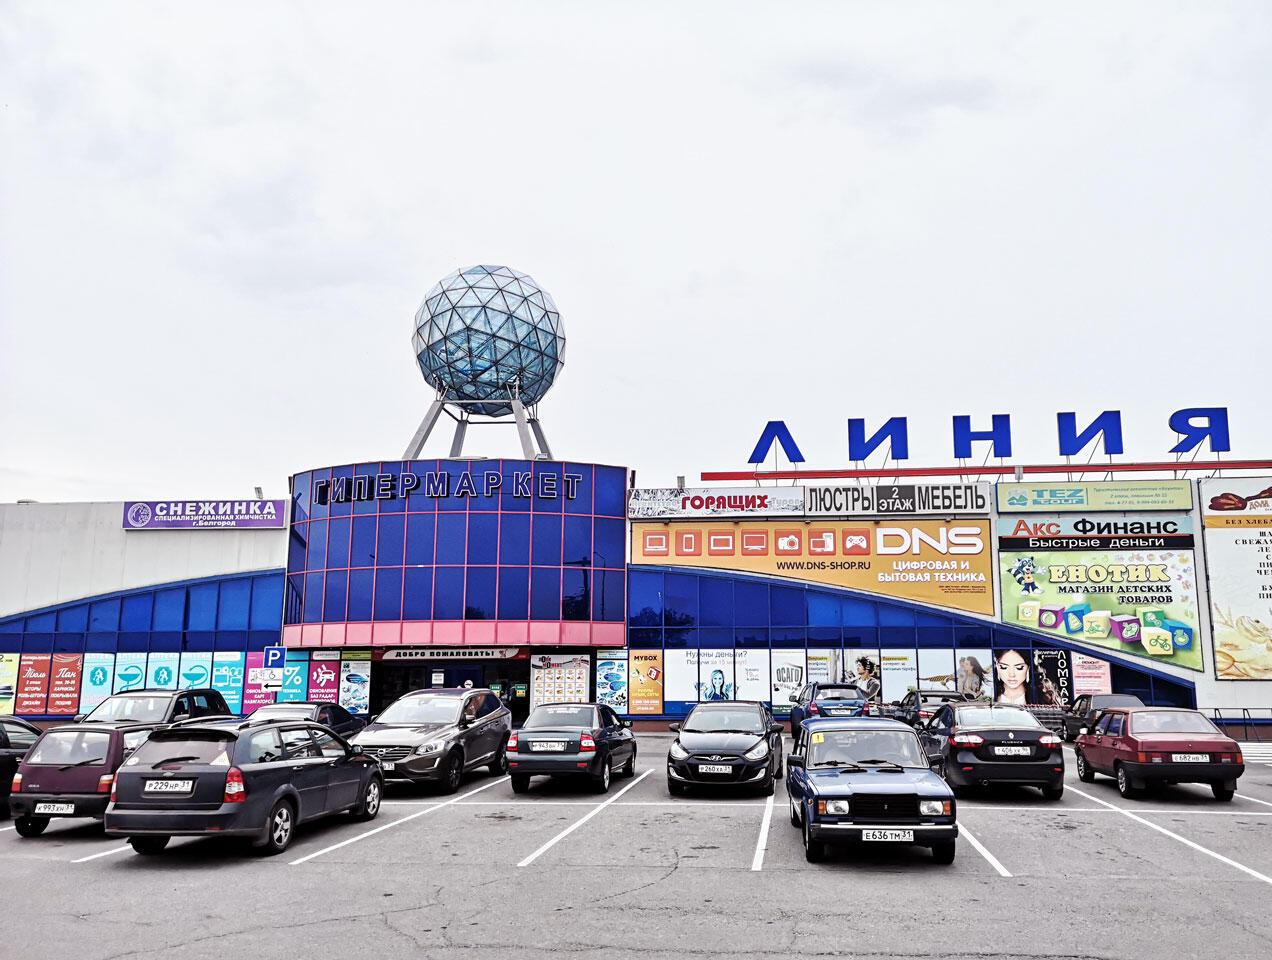 альфа банк омск официальный сайт получить кредит